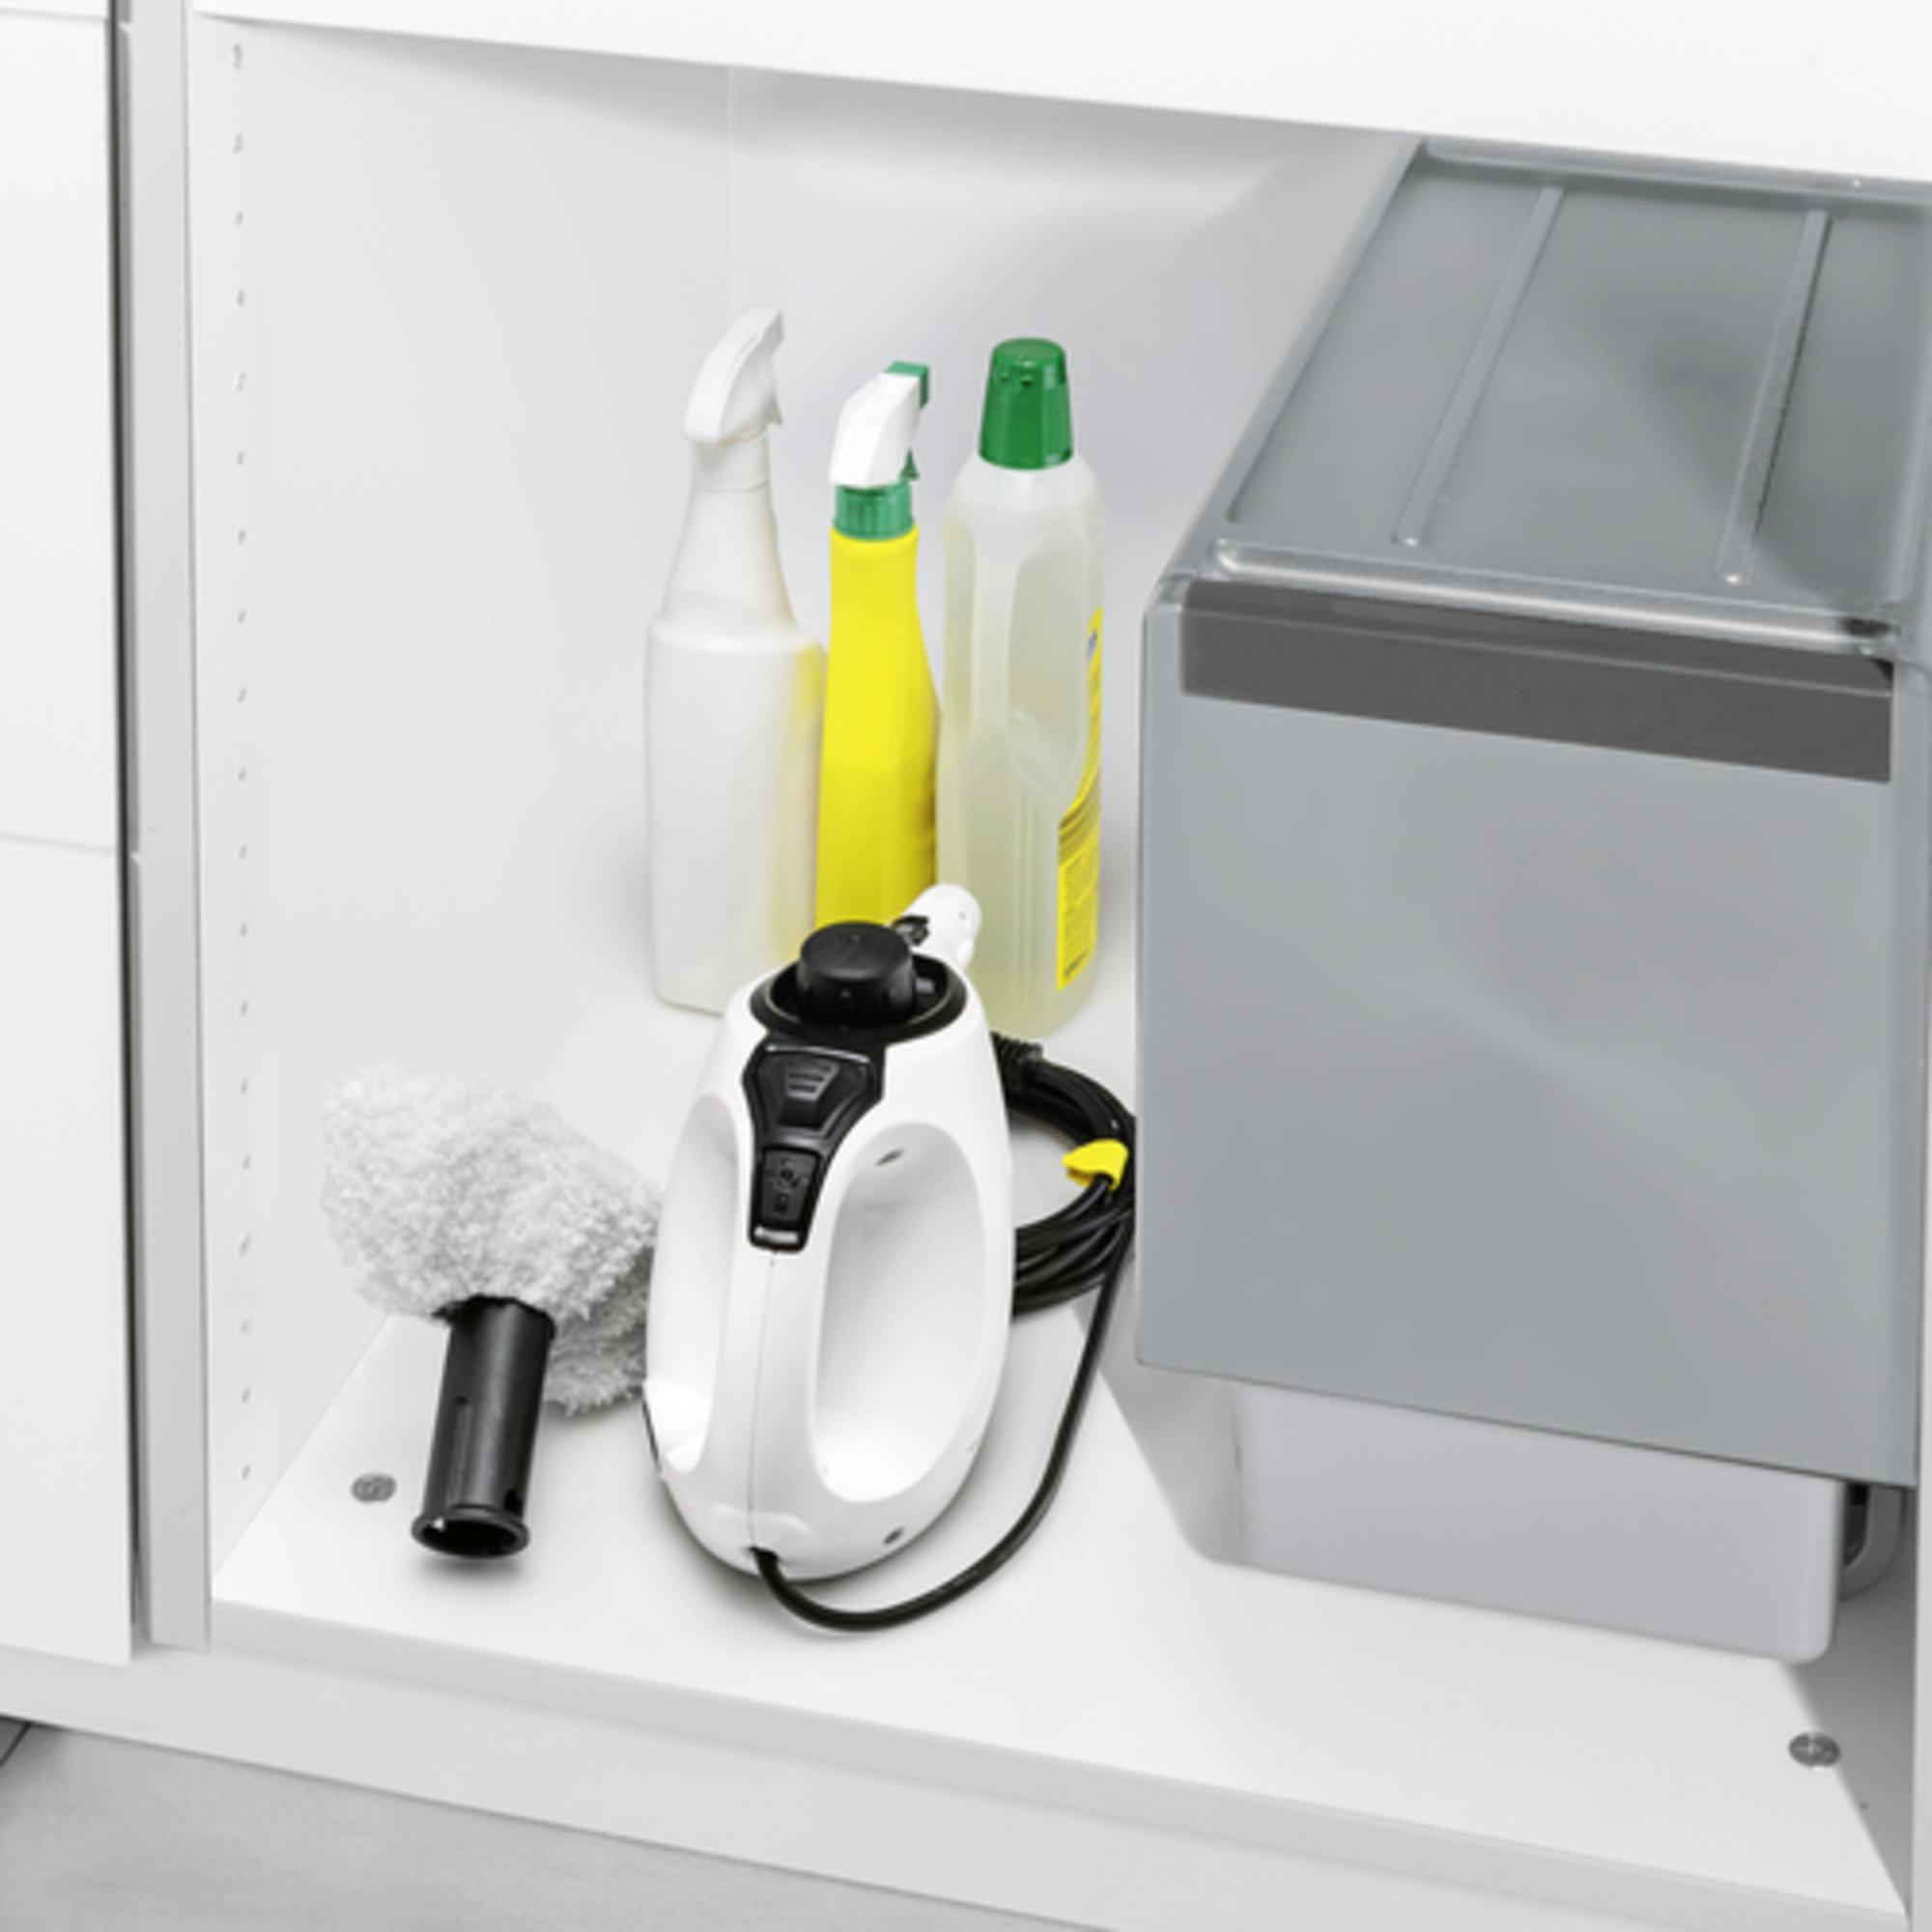 Gőztisztító SC 1 EasyFix Premium (fehér): Kicsi, kézre álló és könnyen tárolható